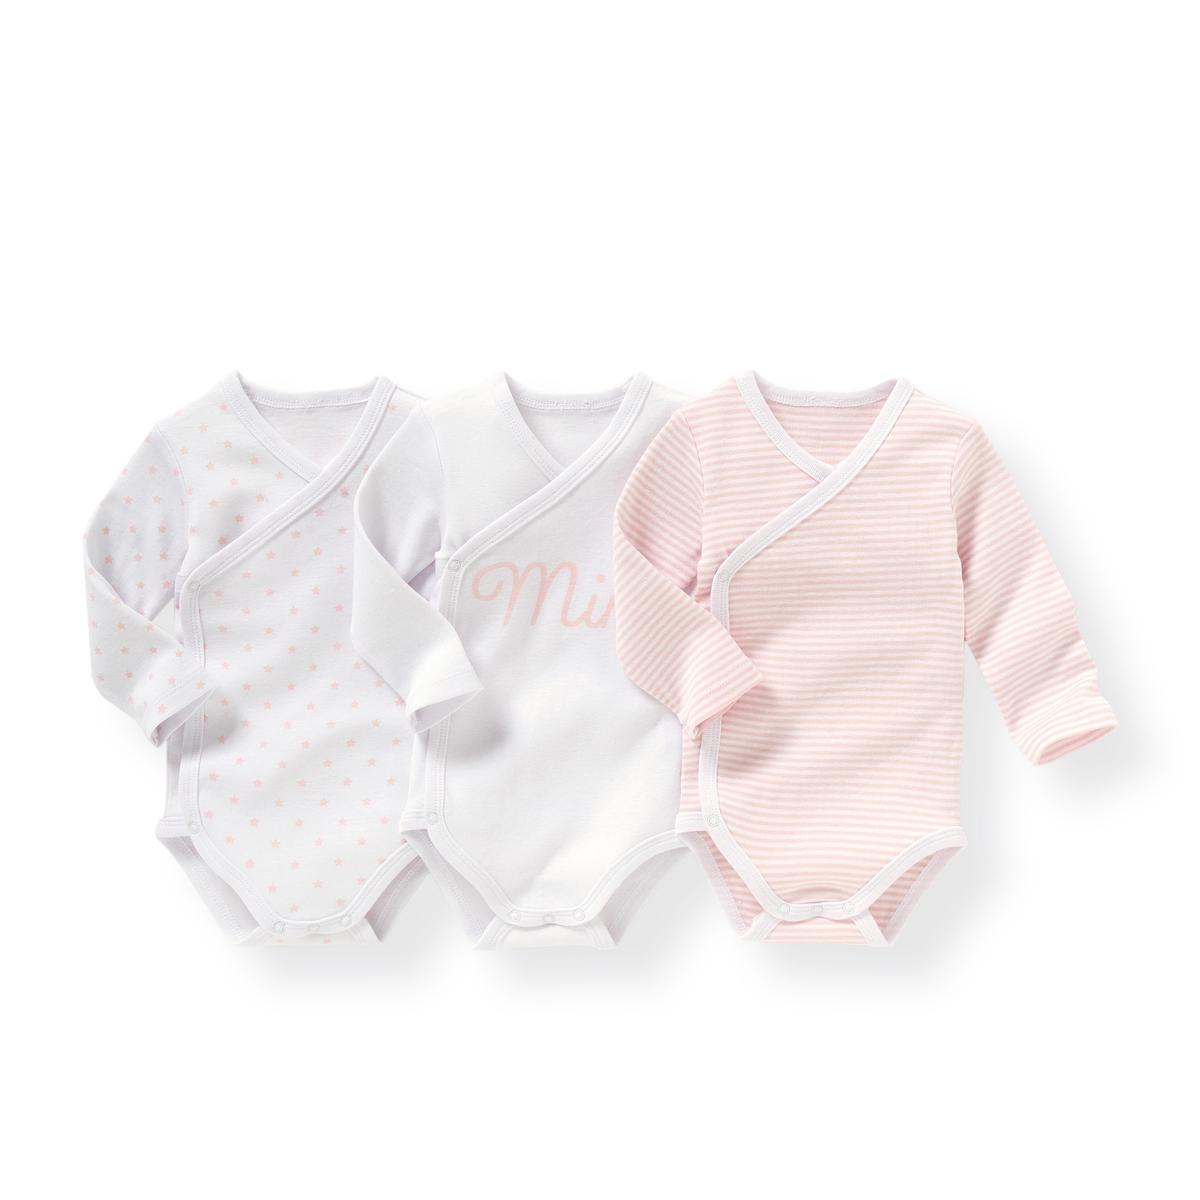 Комплект из хлопковых боди для малышейДетали  •  Рисунок-принт  •  Для новорожденных •  Длинные рукава •  ХлопокСостав и уход  •  100% хлопок •  Температура стирки 40° •  Сухая чистка и отбеливание запрещены   •  Машинная сушка на деликатном режиме •  Низкая температура глажки<br><br>Цвет: Белый + розовая полоска + рисунок<br>Размер: 0 мес. - 50 см.3 года - 94 см.2 года - 86 см.3 мес. - 60 см.1 мес. - 54 см